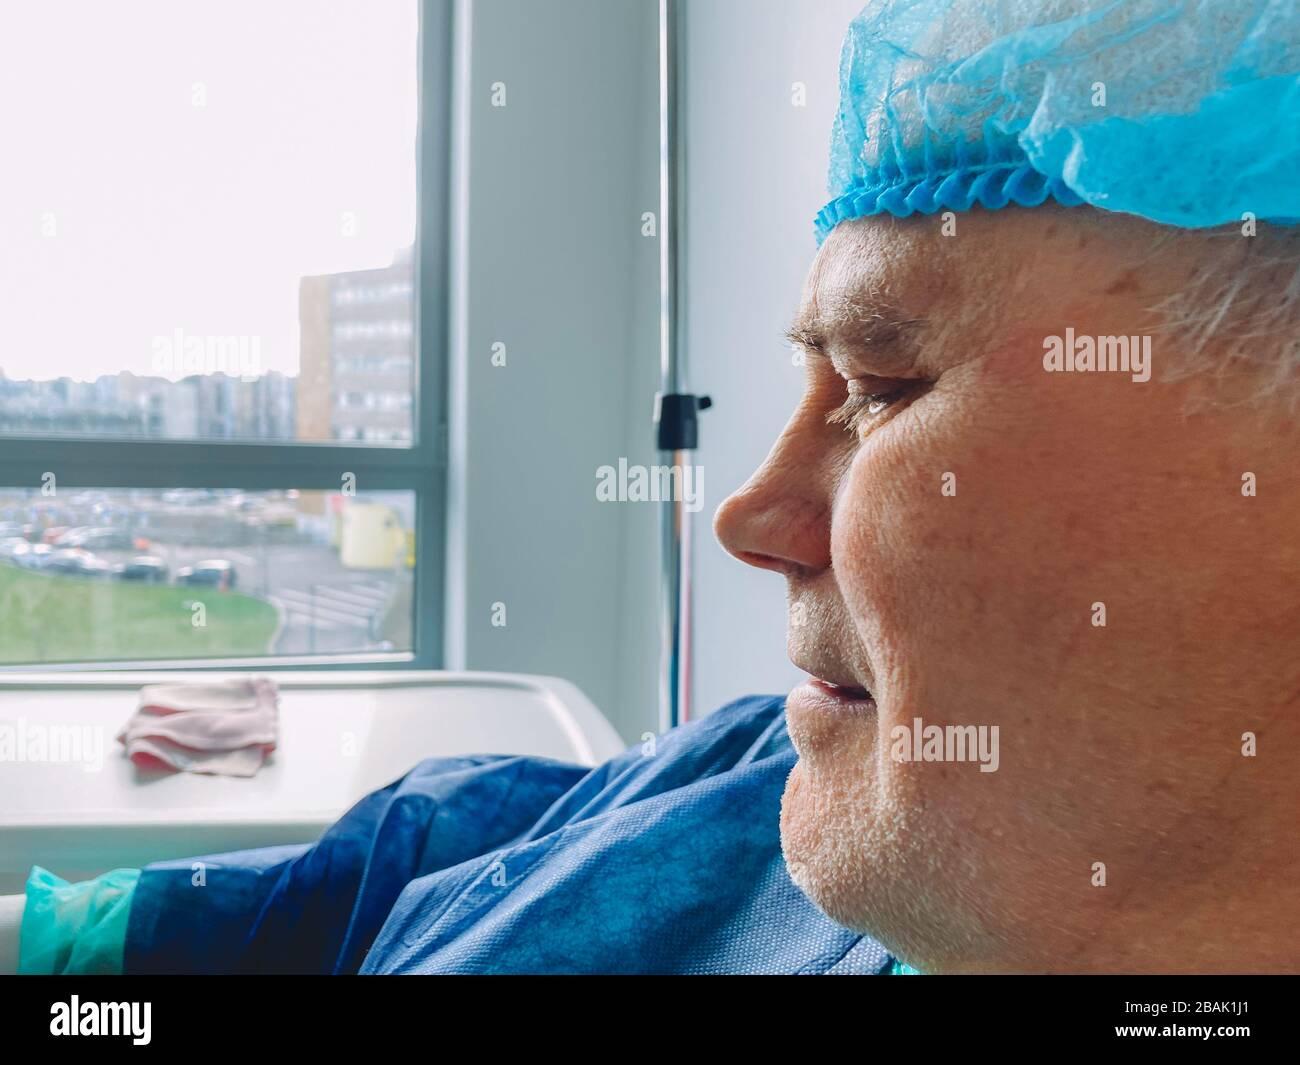 Gros plan du visage masculin senior dans une chaise médicale à l'intérieur de l'hôpital moderne en France reposant après infection virus coronavirus vue optimiste Banque D'Images